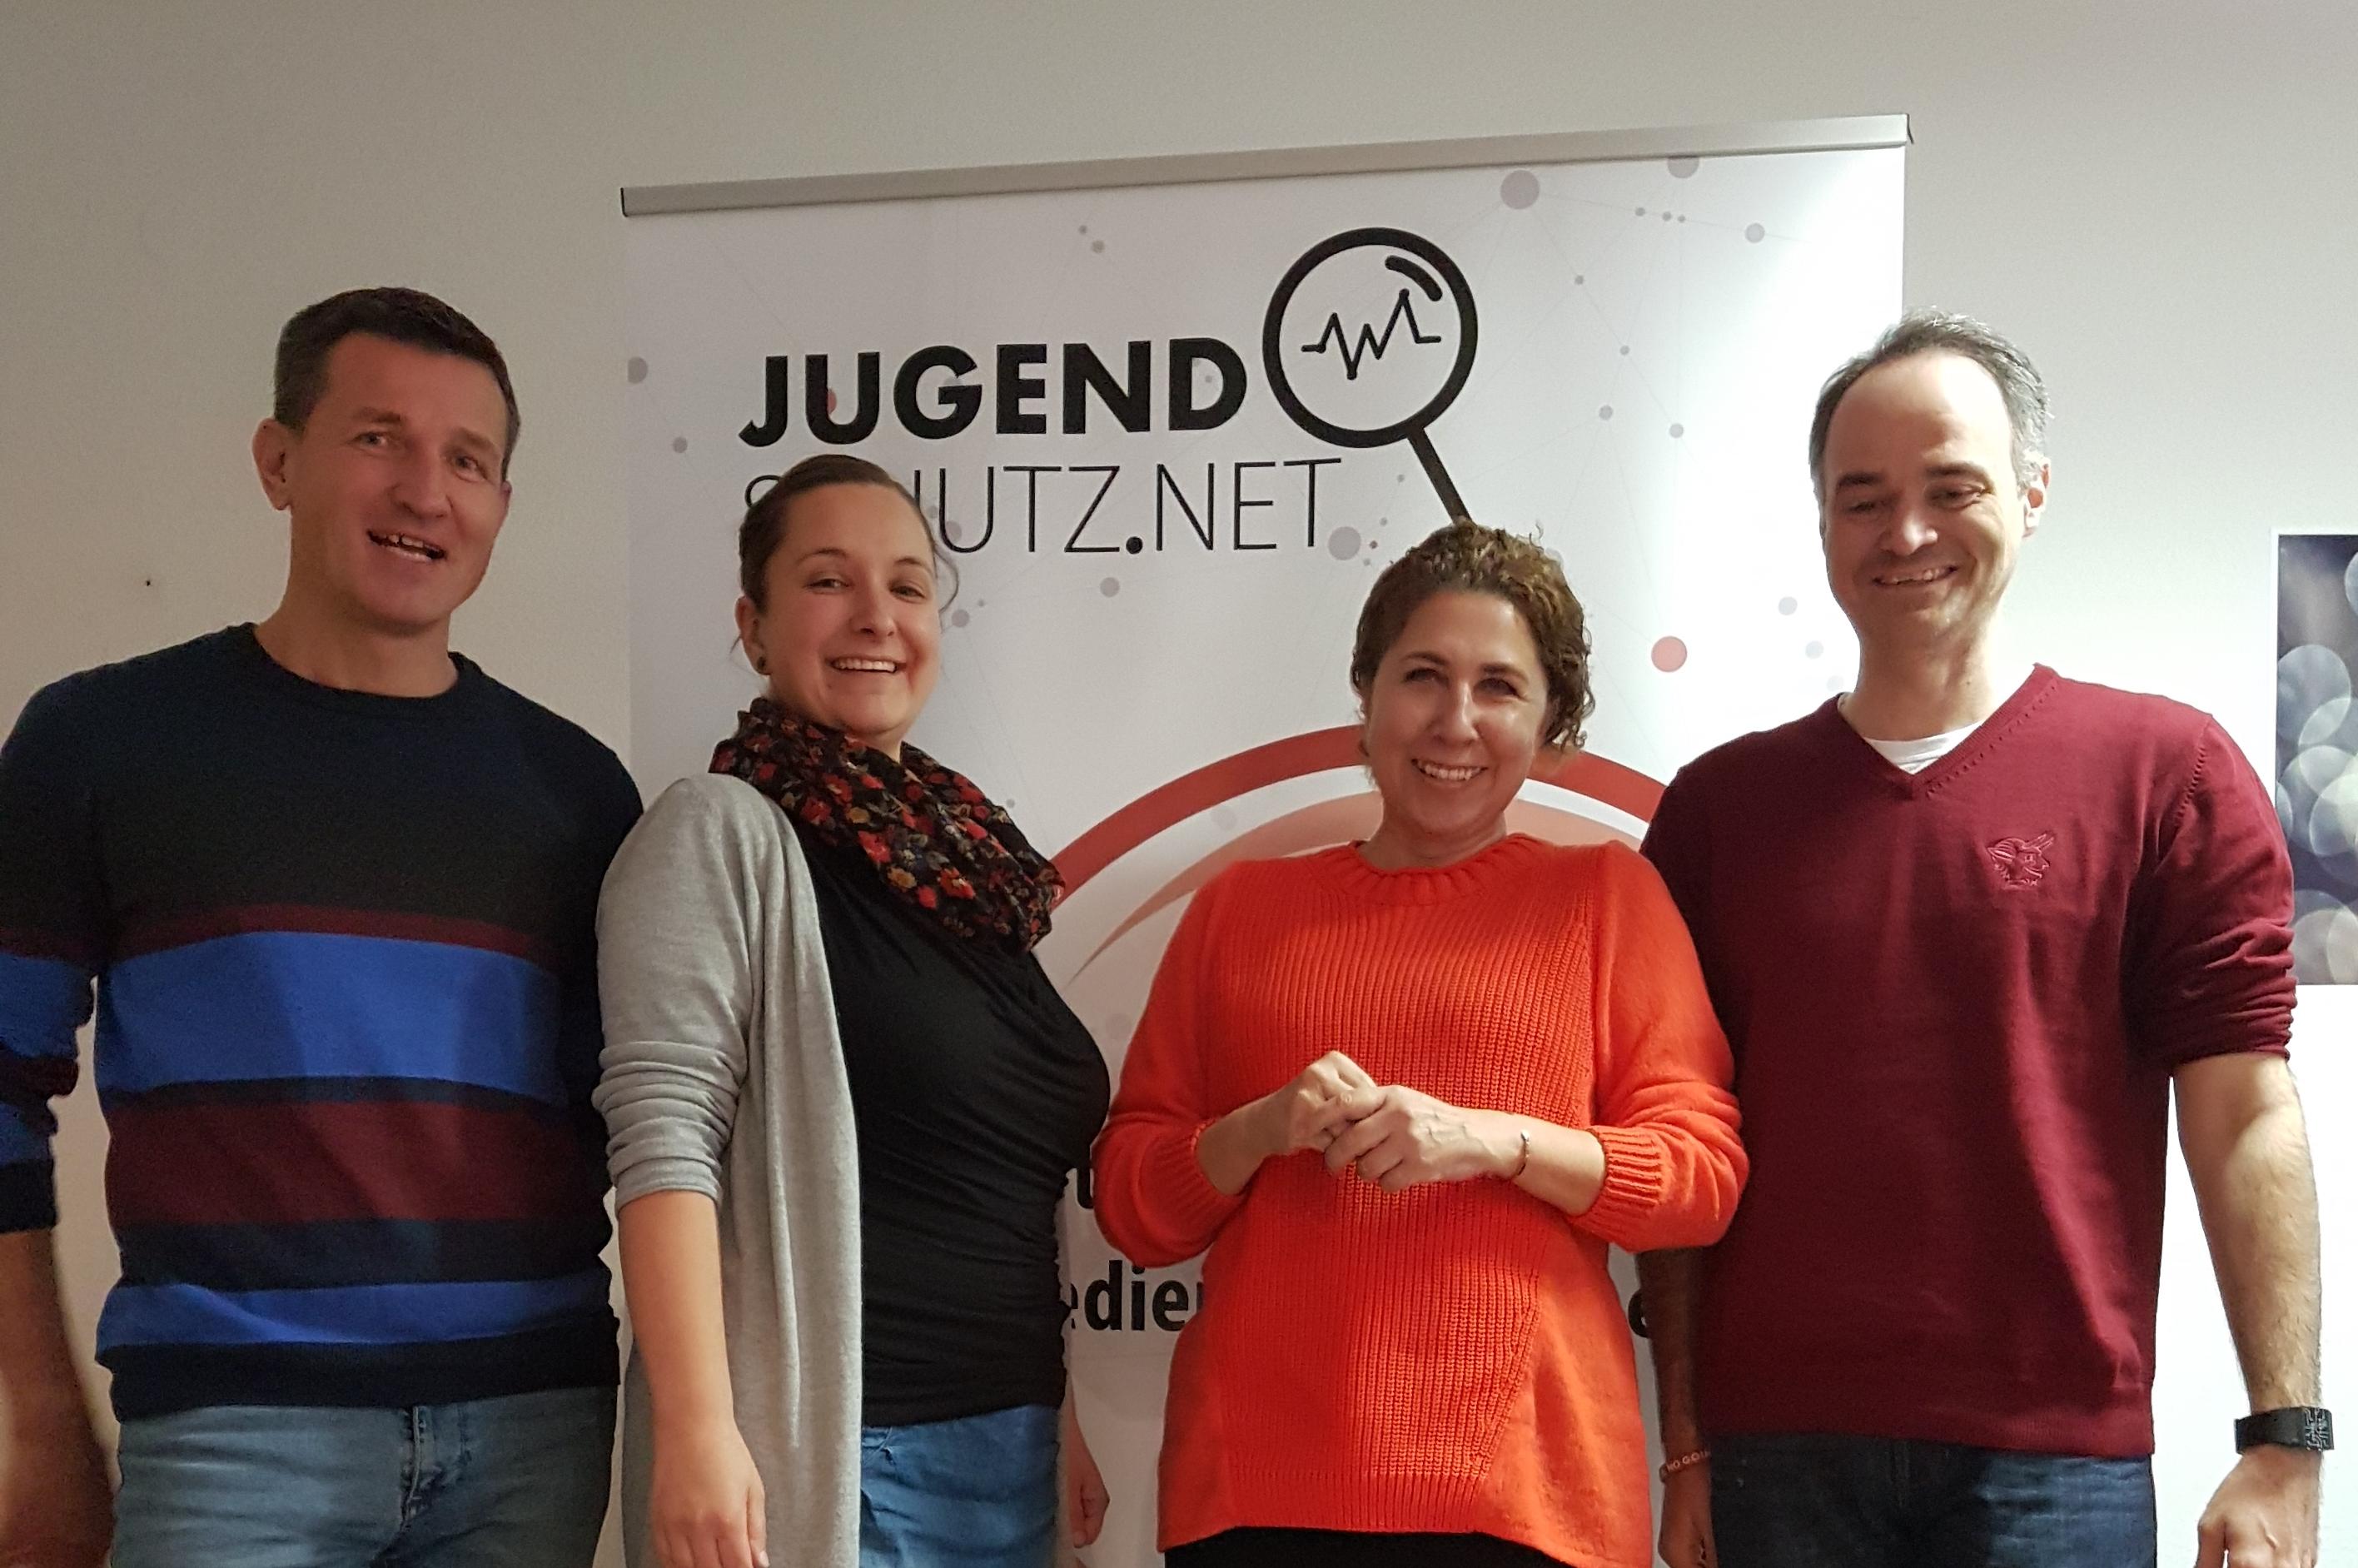 jugendschutz.net - Hotline of the Month